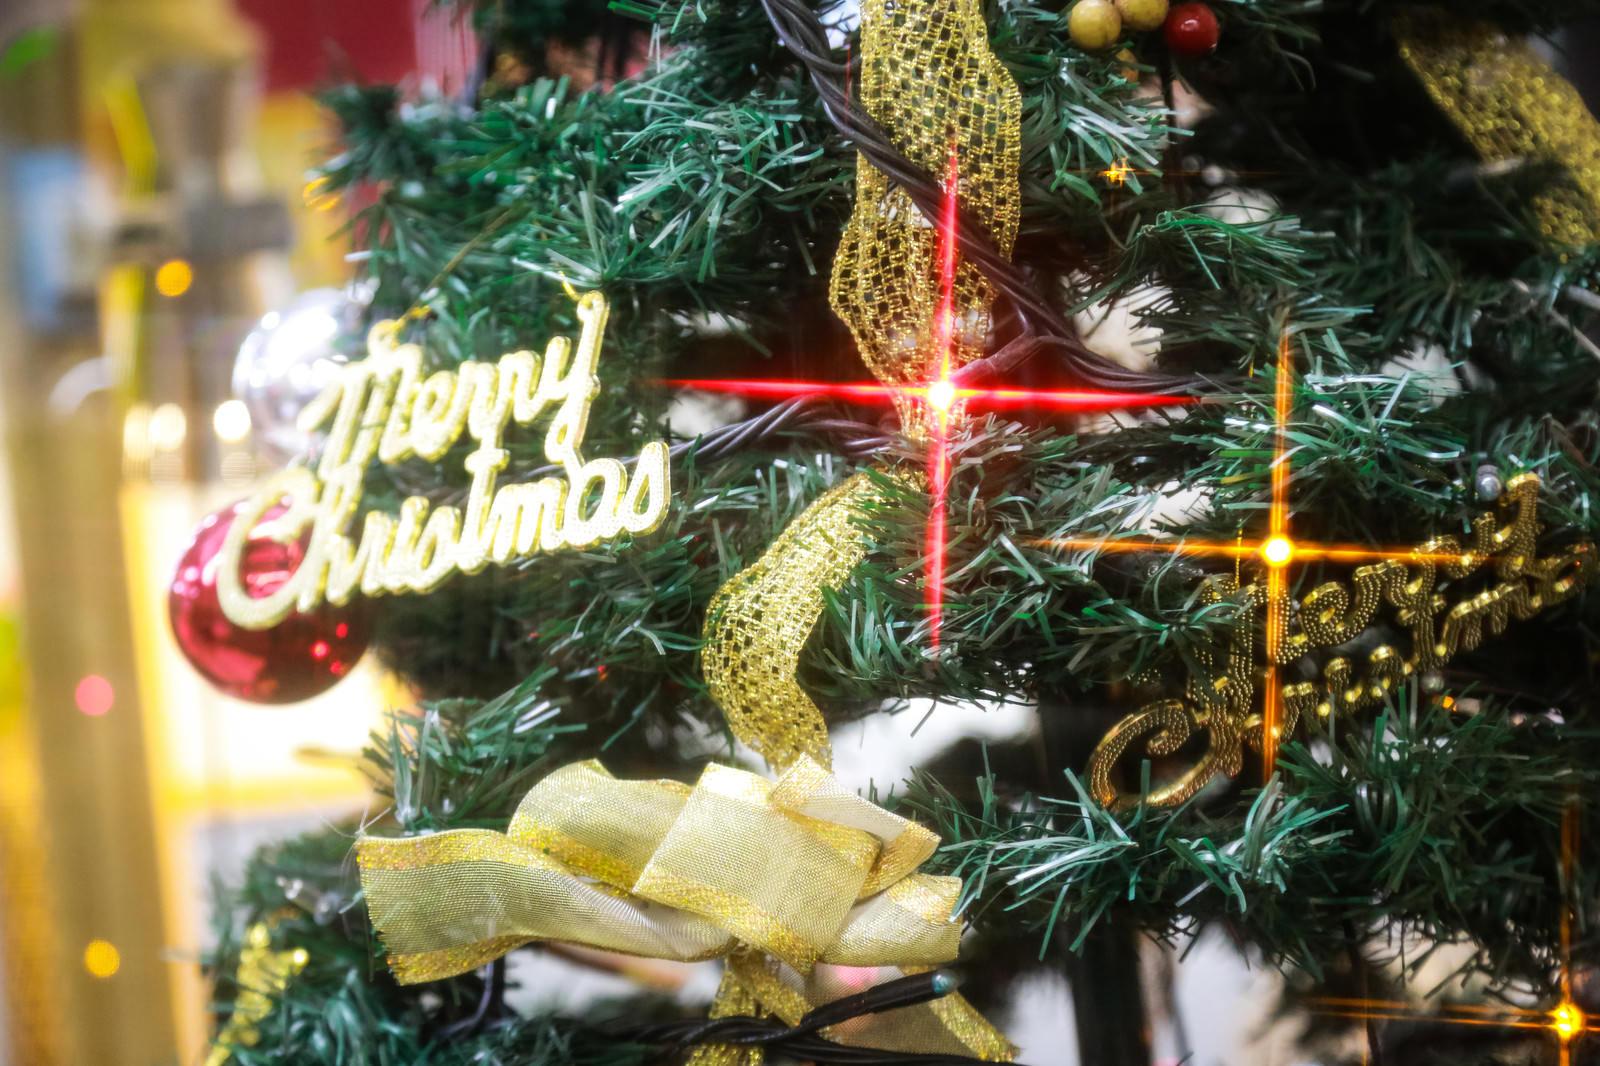 「Merry Christmas と書かれたツリー」の写真